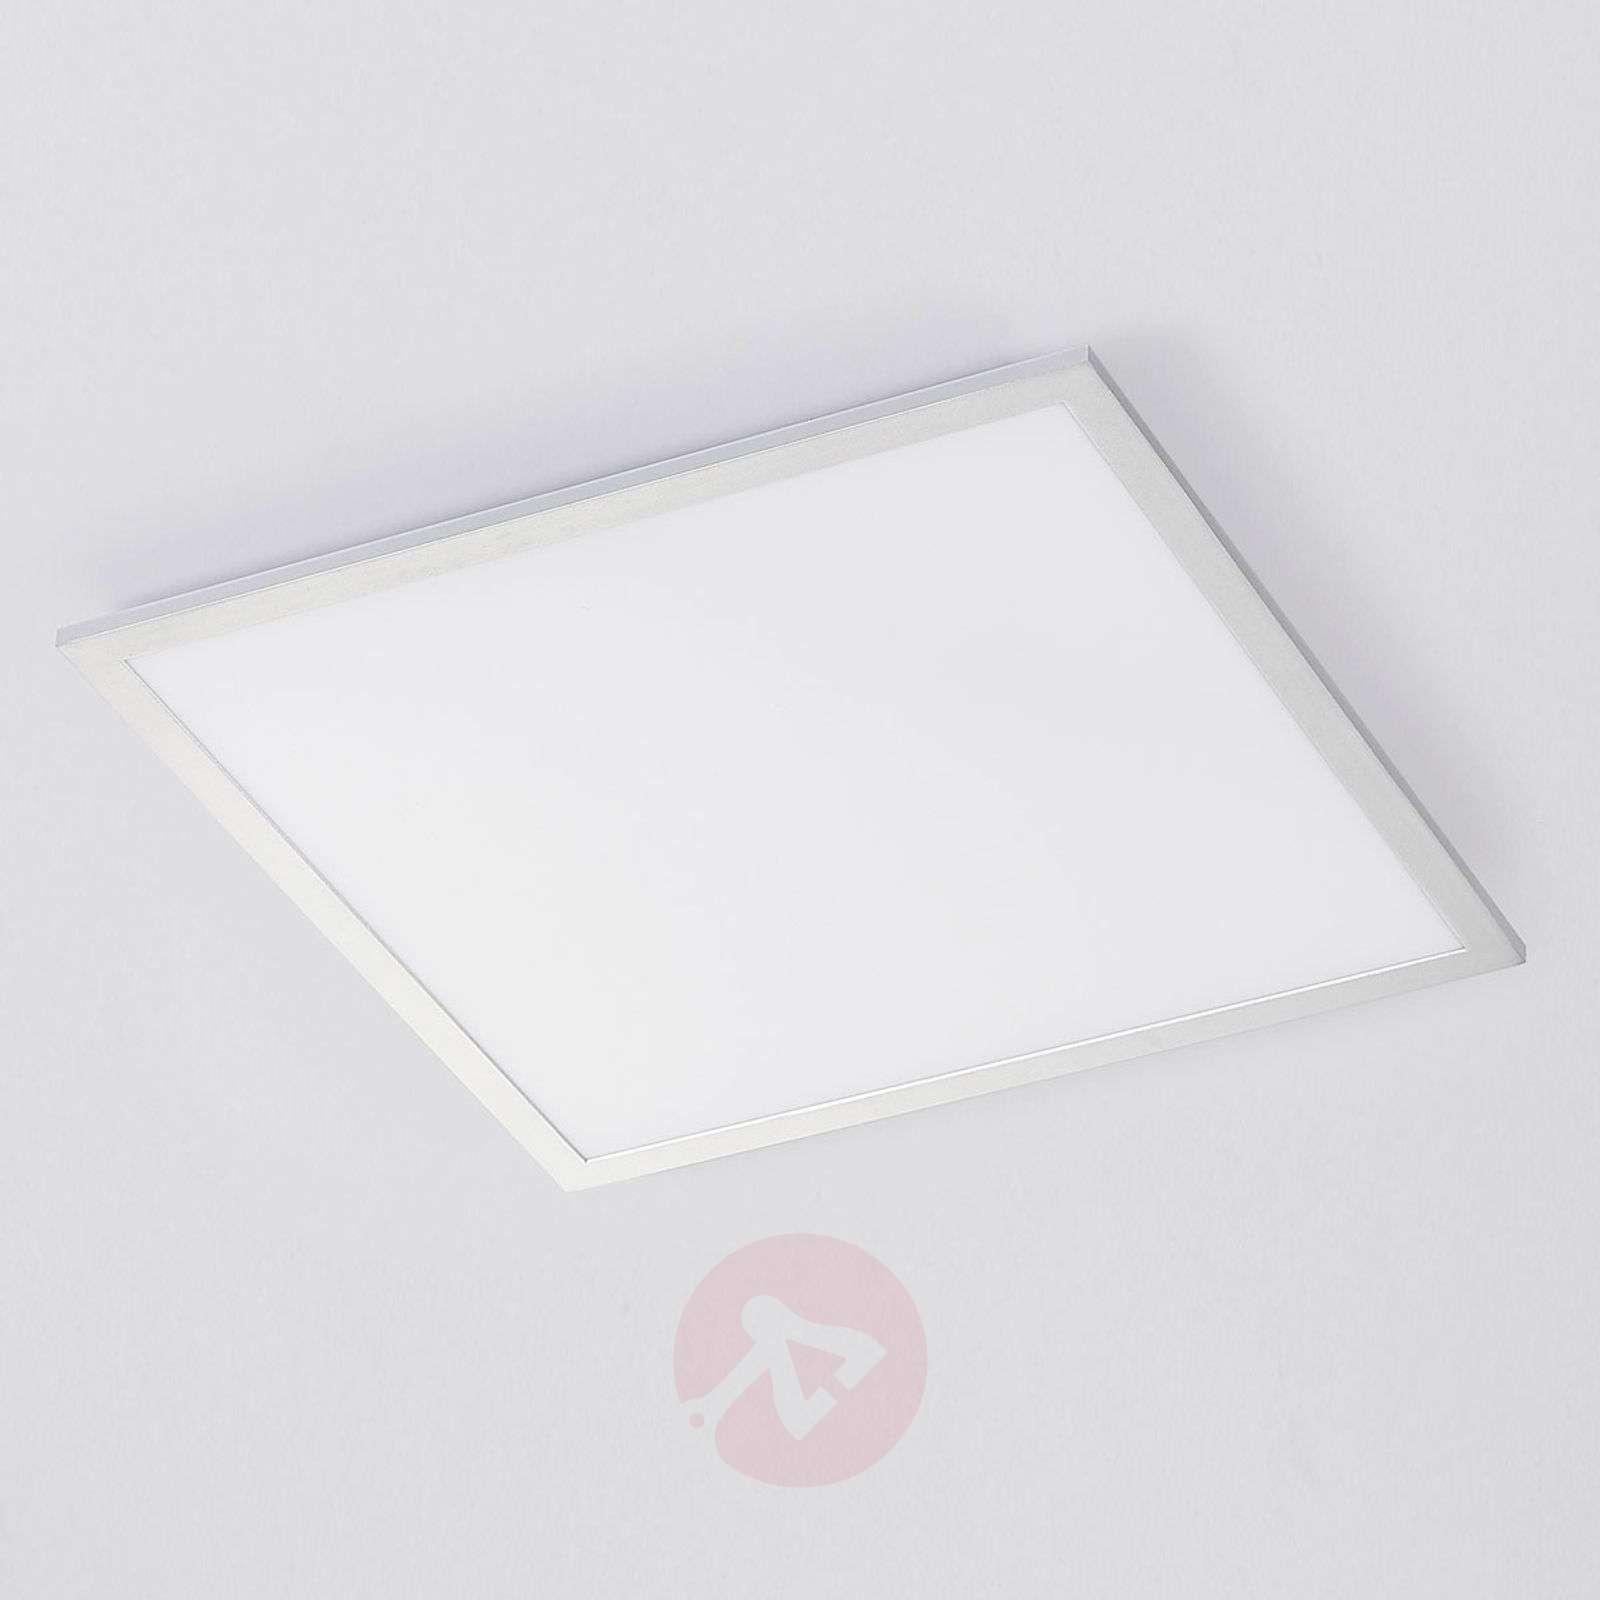 Hopeakehyksinen LED-paneeli Lysander, kaukosäädin-9621559-01